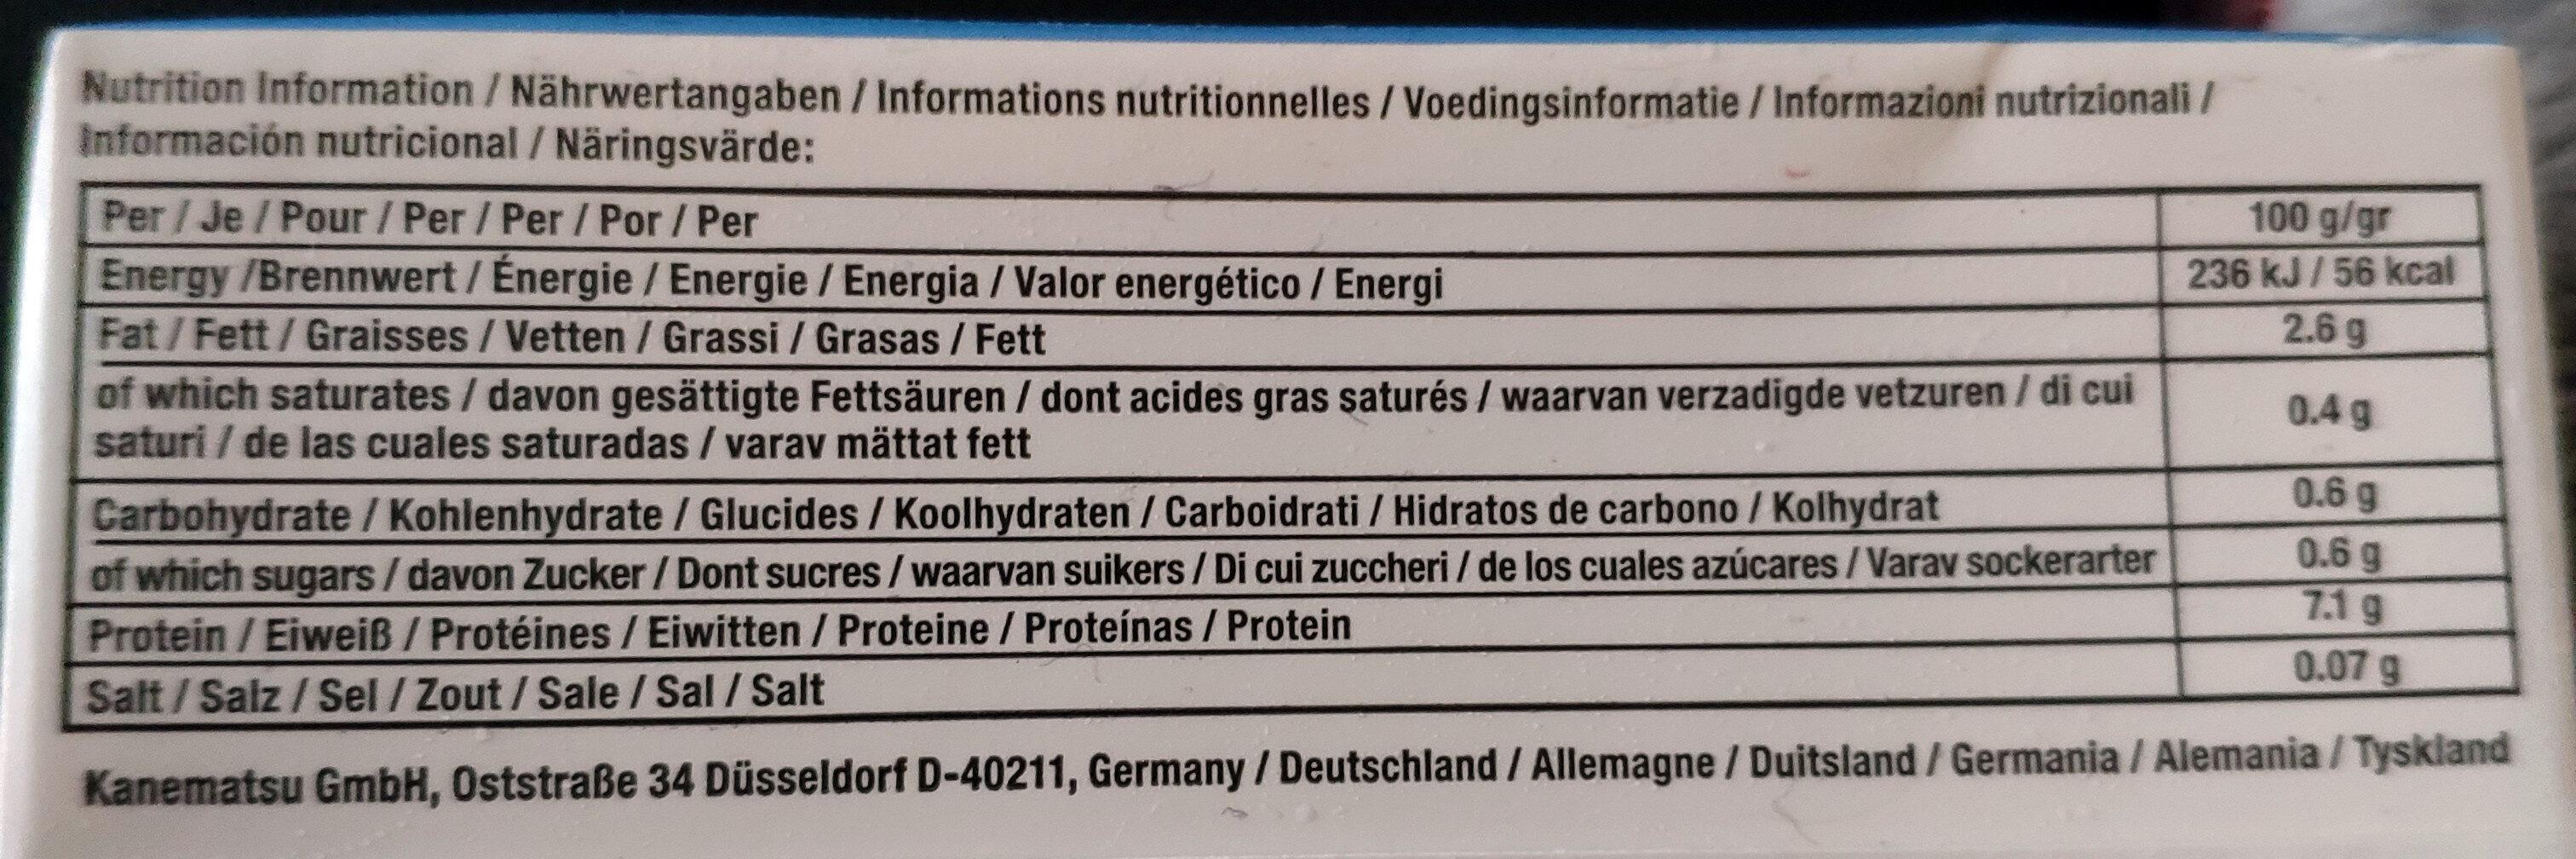 Mori-nu Silken Tofu Firm - Información nutricional - es